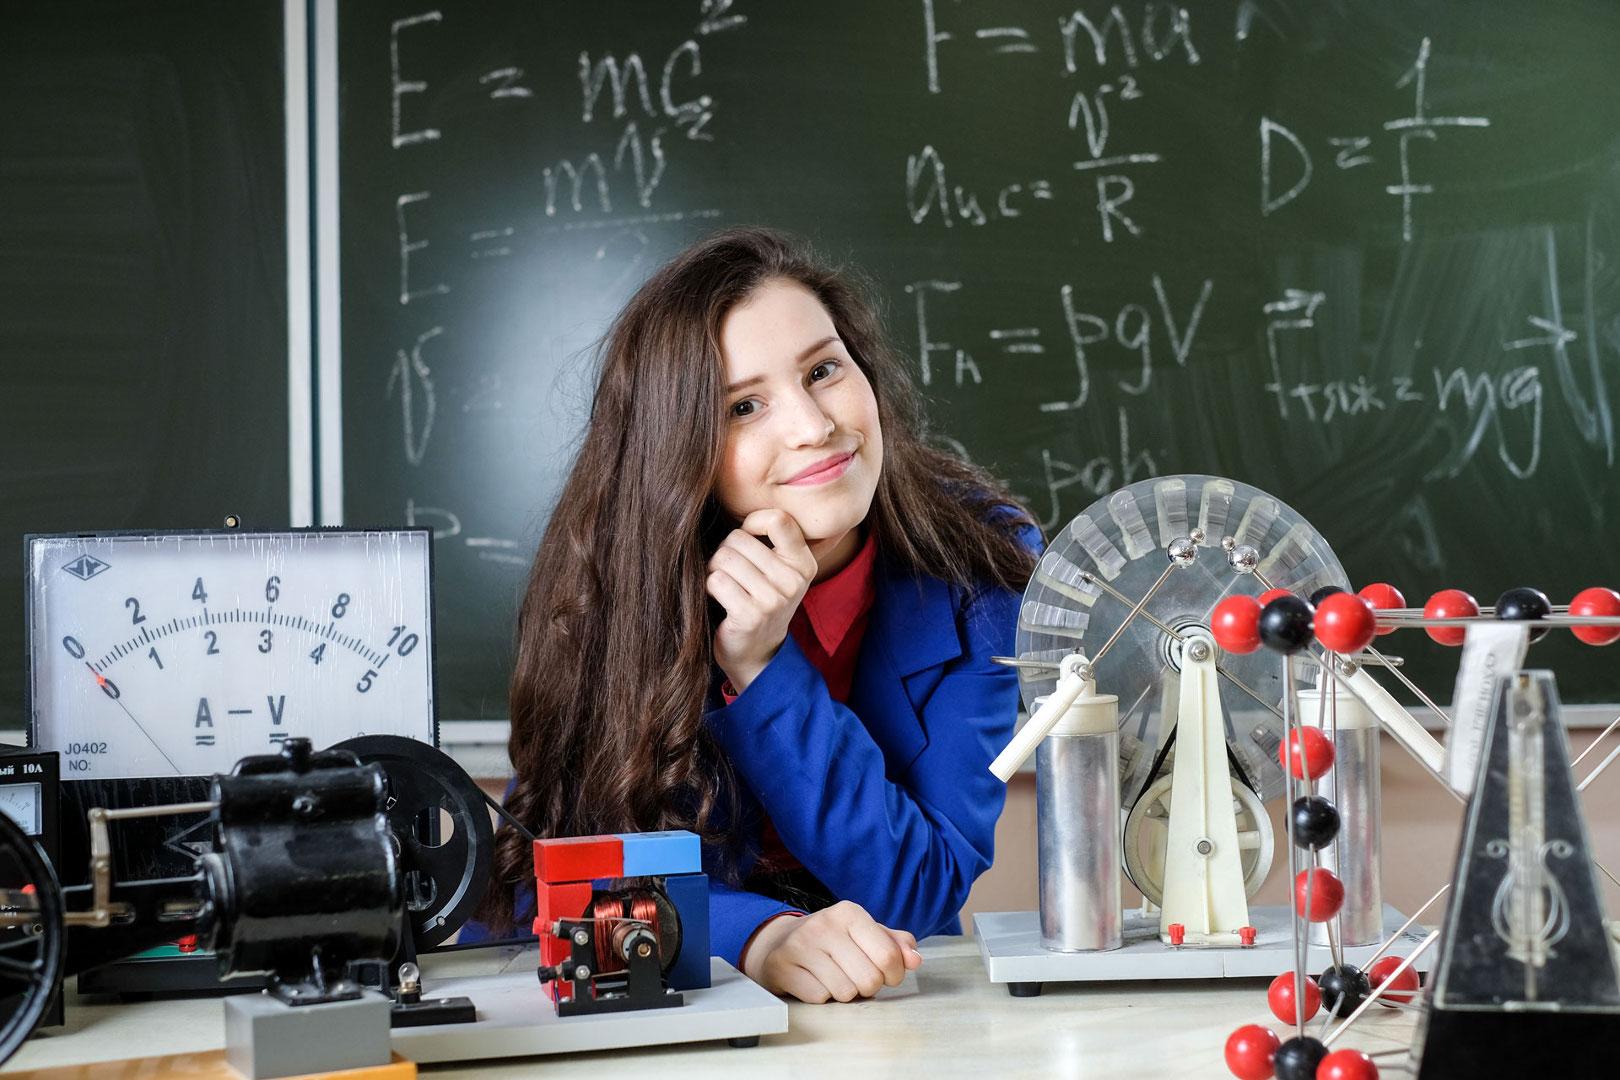 Ученица сидит за столом, на котором расположен амперметр-вольтметр и другие приборы